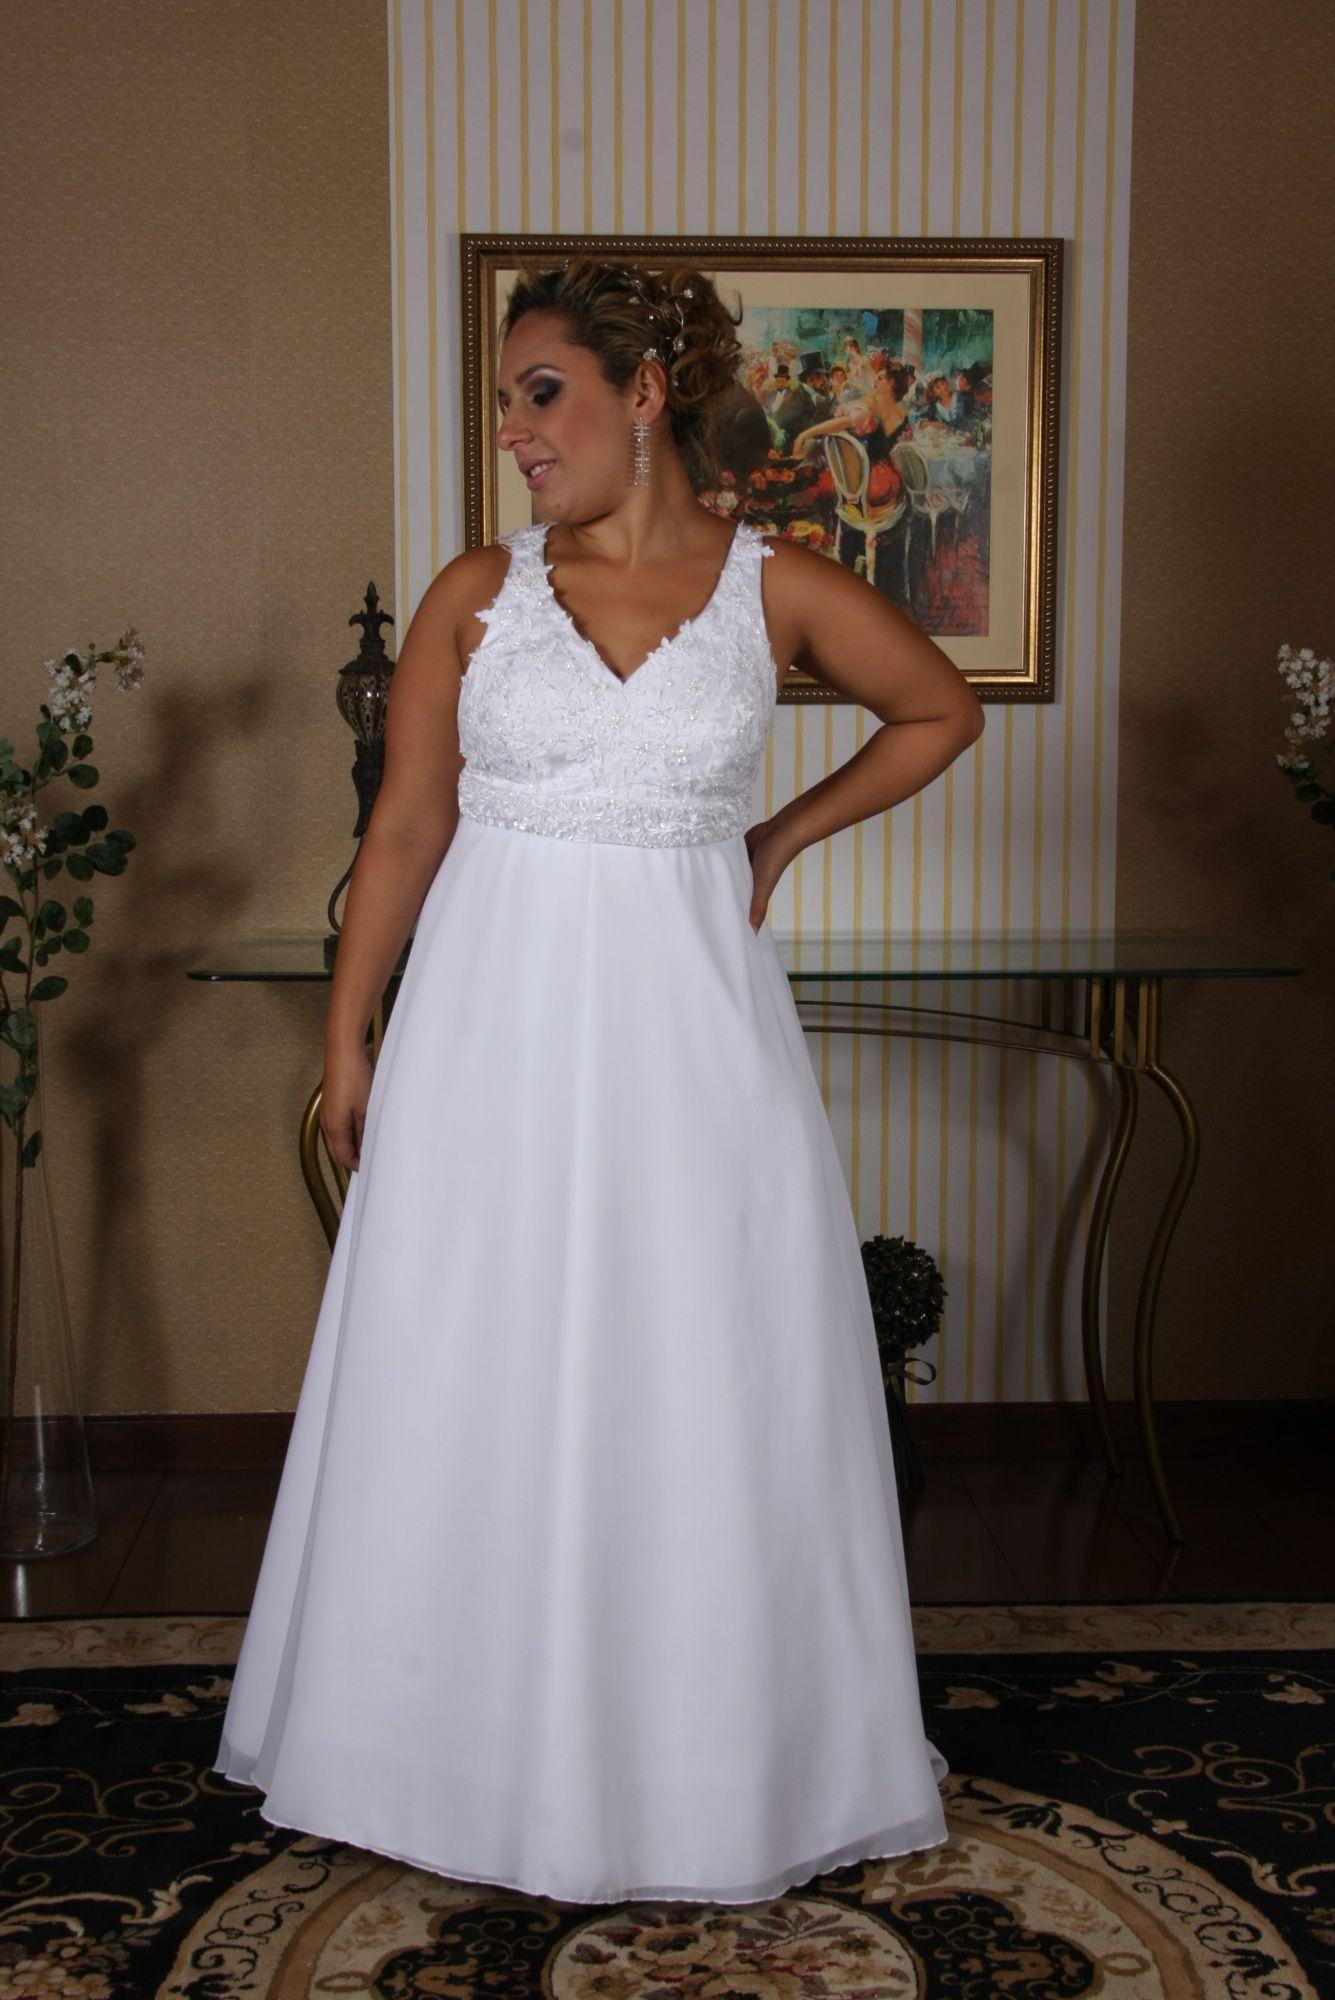 Vestido de Noiva Leve - 10 - Hipnose Alta Costura e Spa para Noivas e Noivos - Campinas - SP Vestido de Noiva, Vestido de Noiva Leve, Hipnose Alta Costura